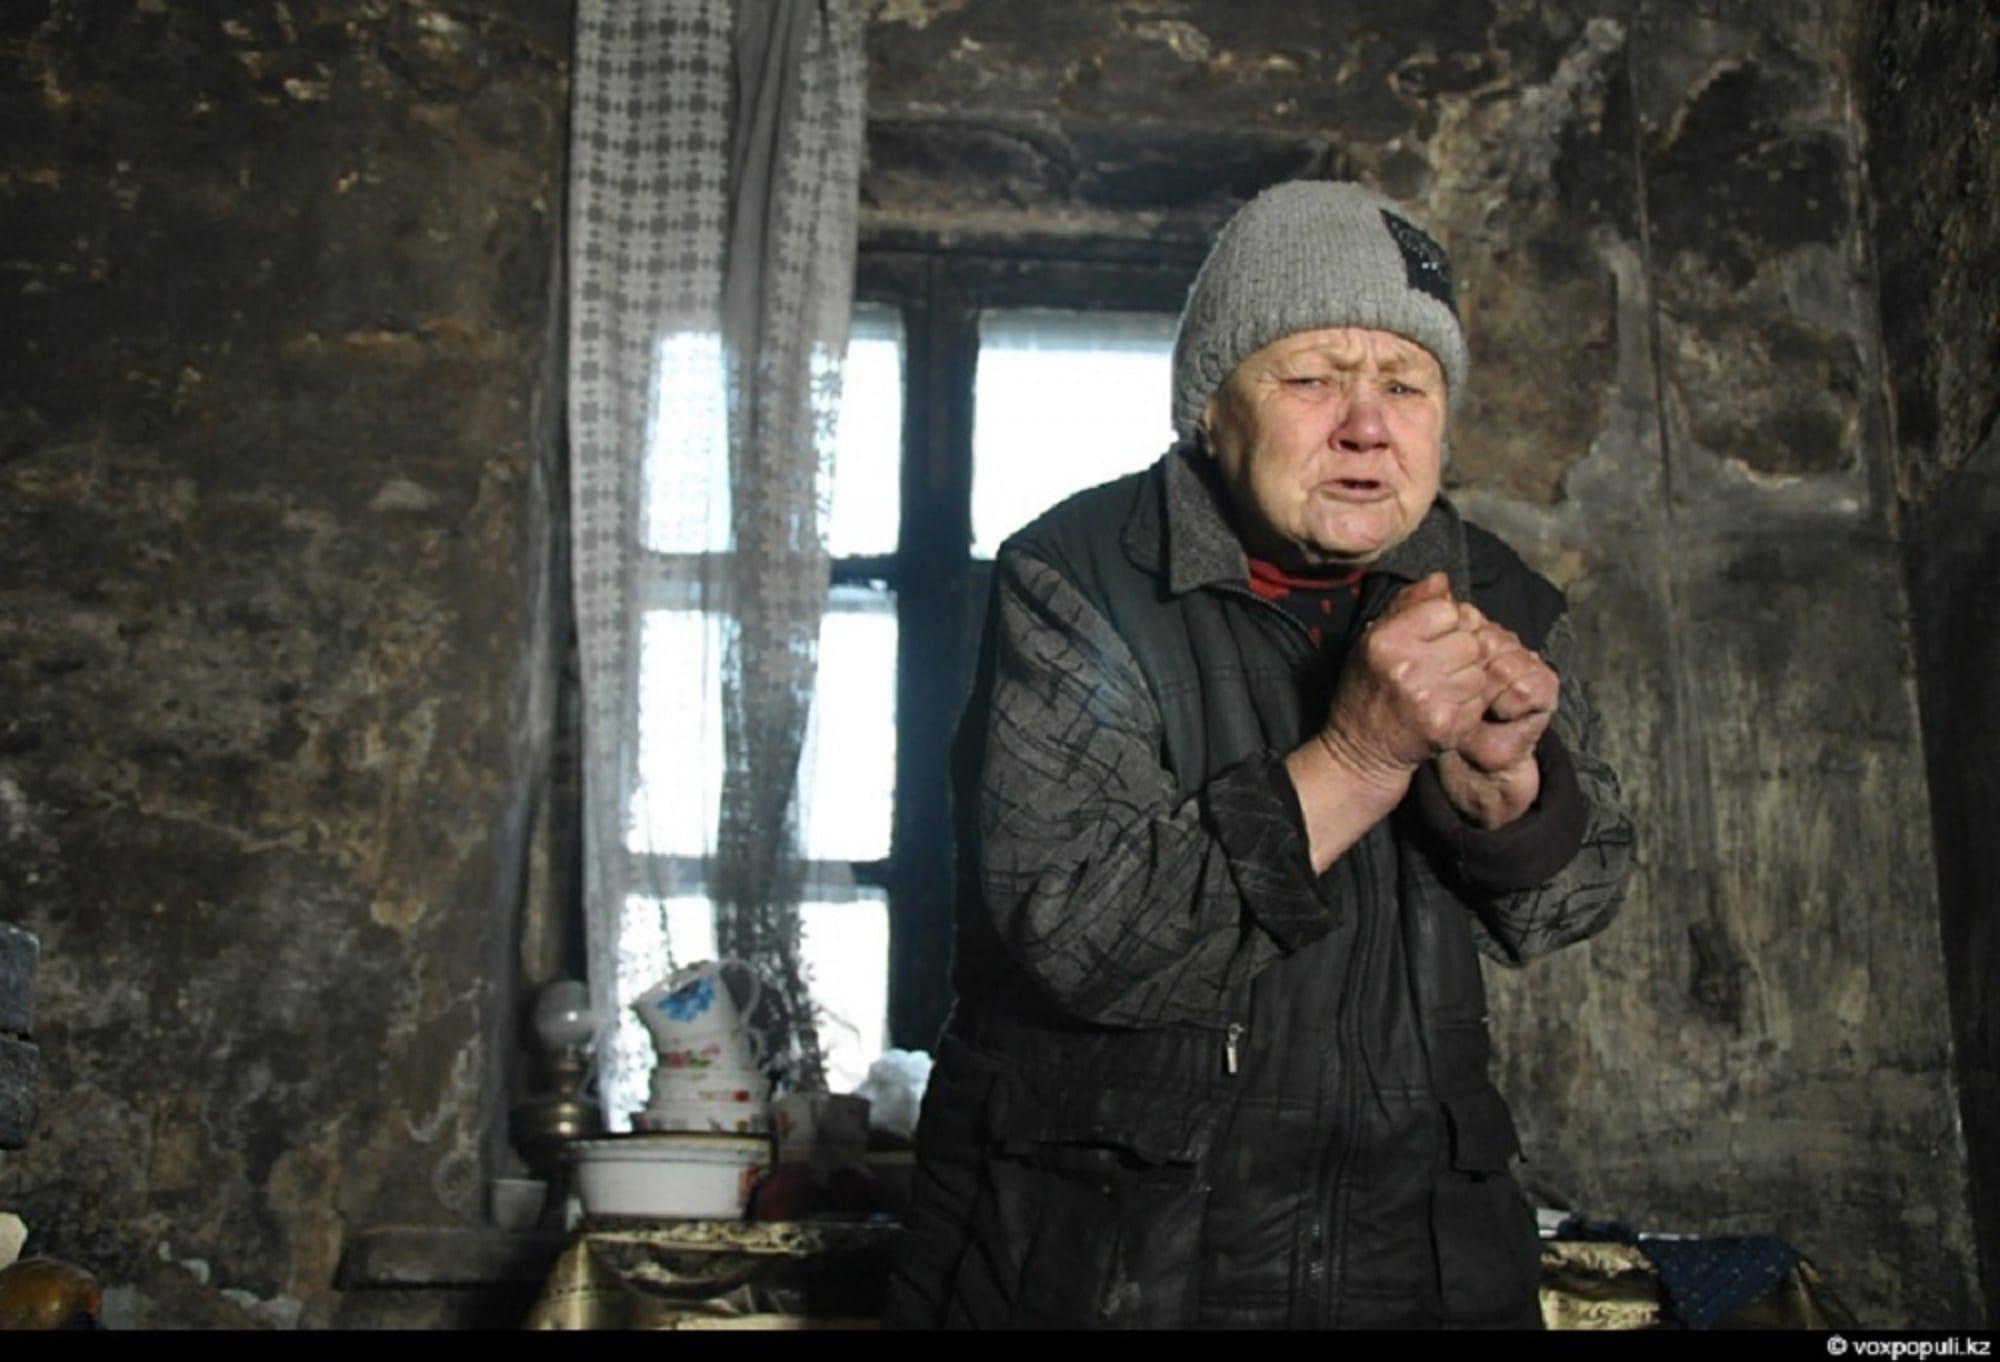 Viele Rentner leben in lebensbedrohlicher Armut